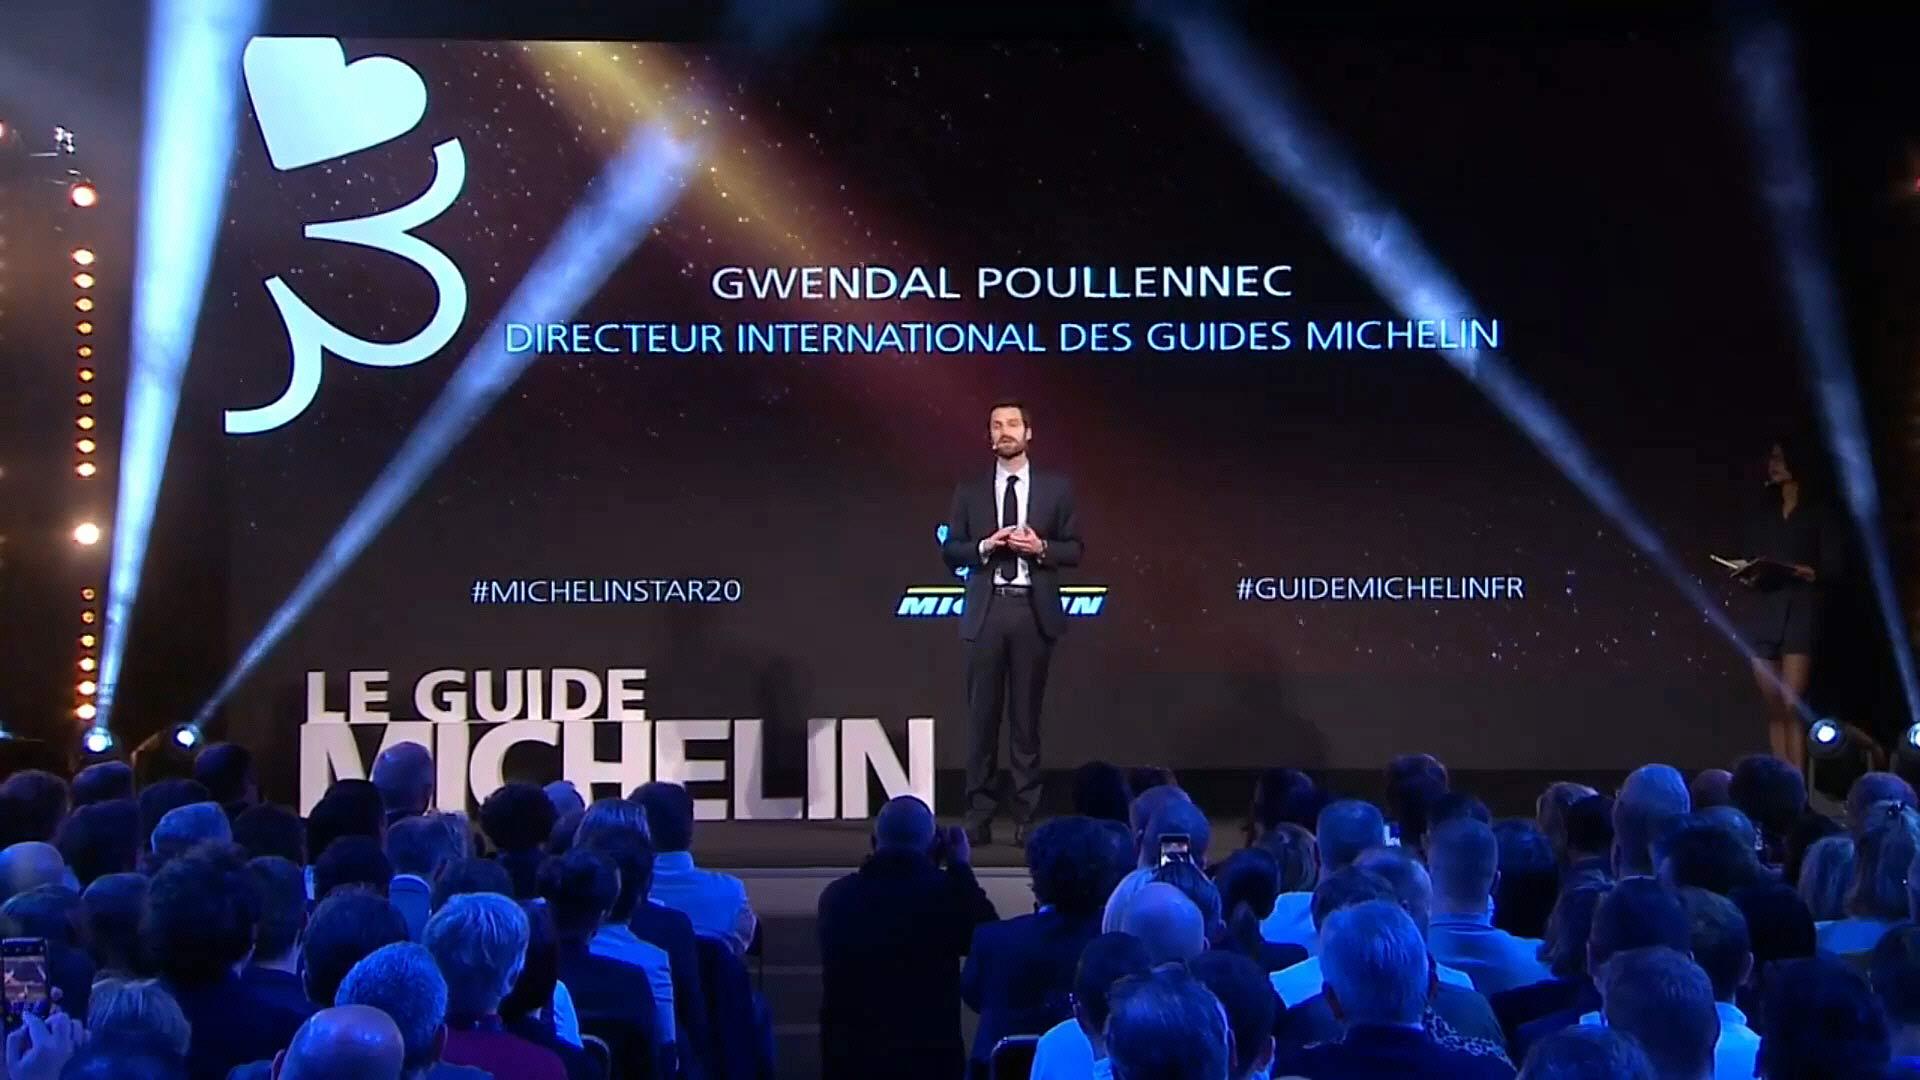 Gwendal Poullennec - Directeur internationnal des guides Michelin